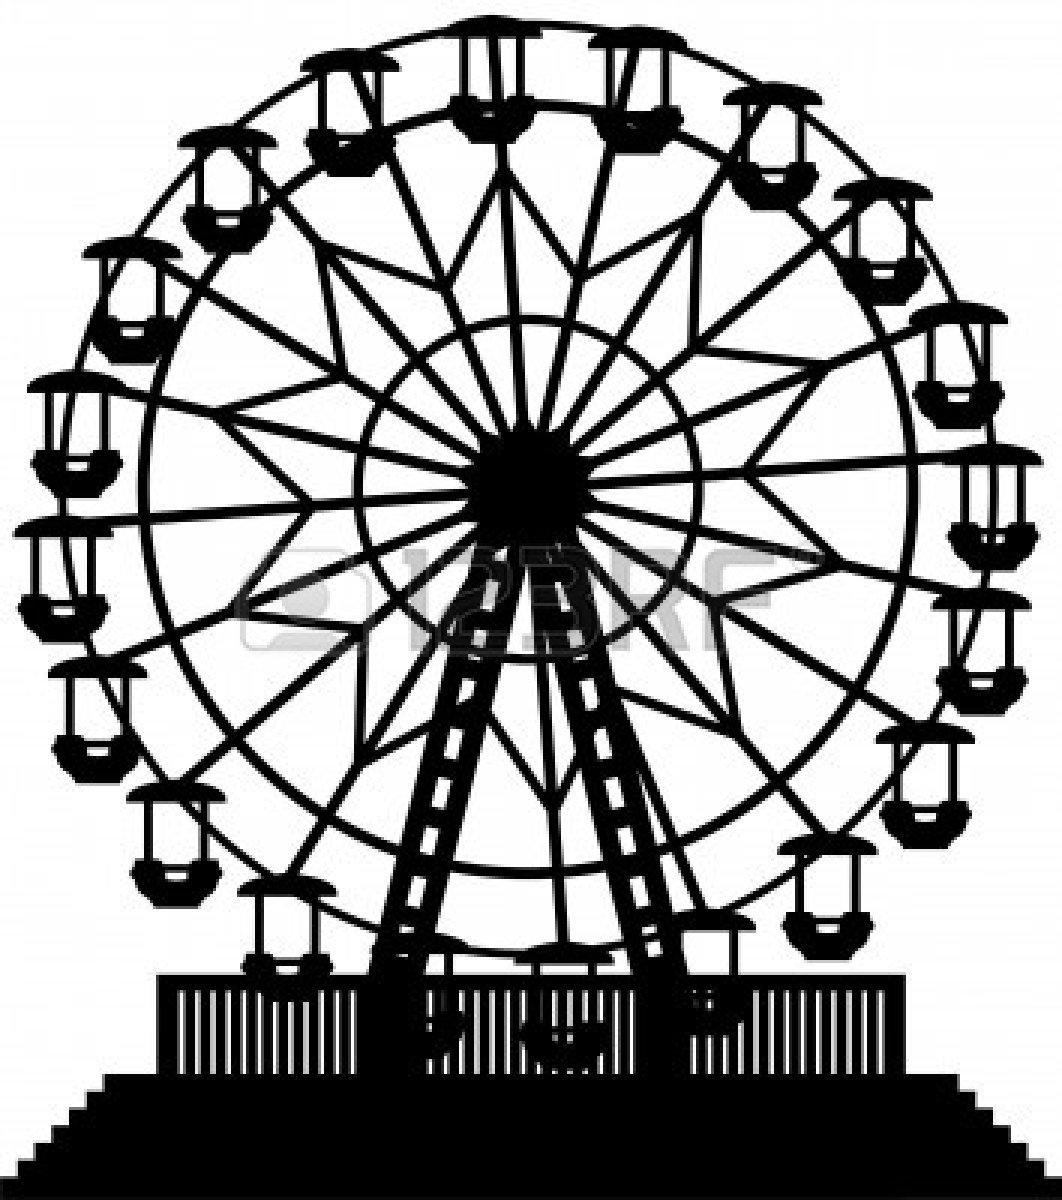 Ferris Wheel Clipart Wheels And 2-Ferris wheel clipart wheels and 2-9